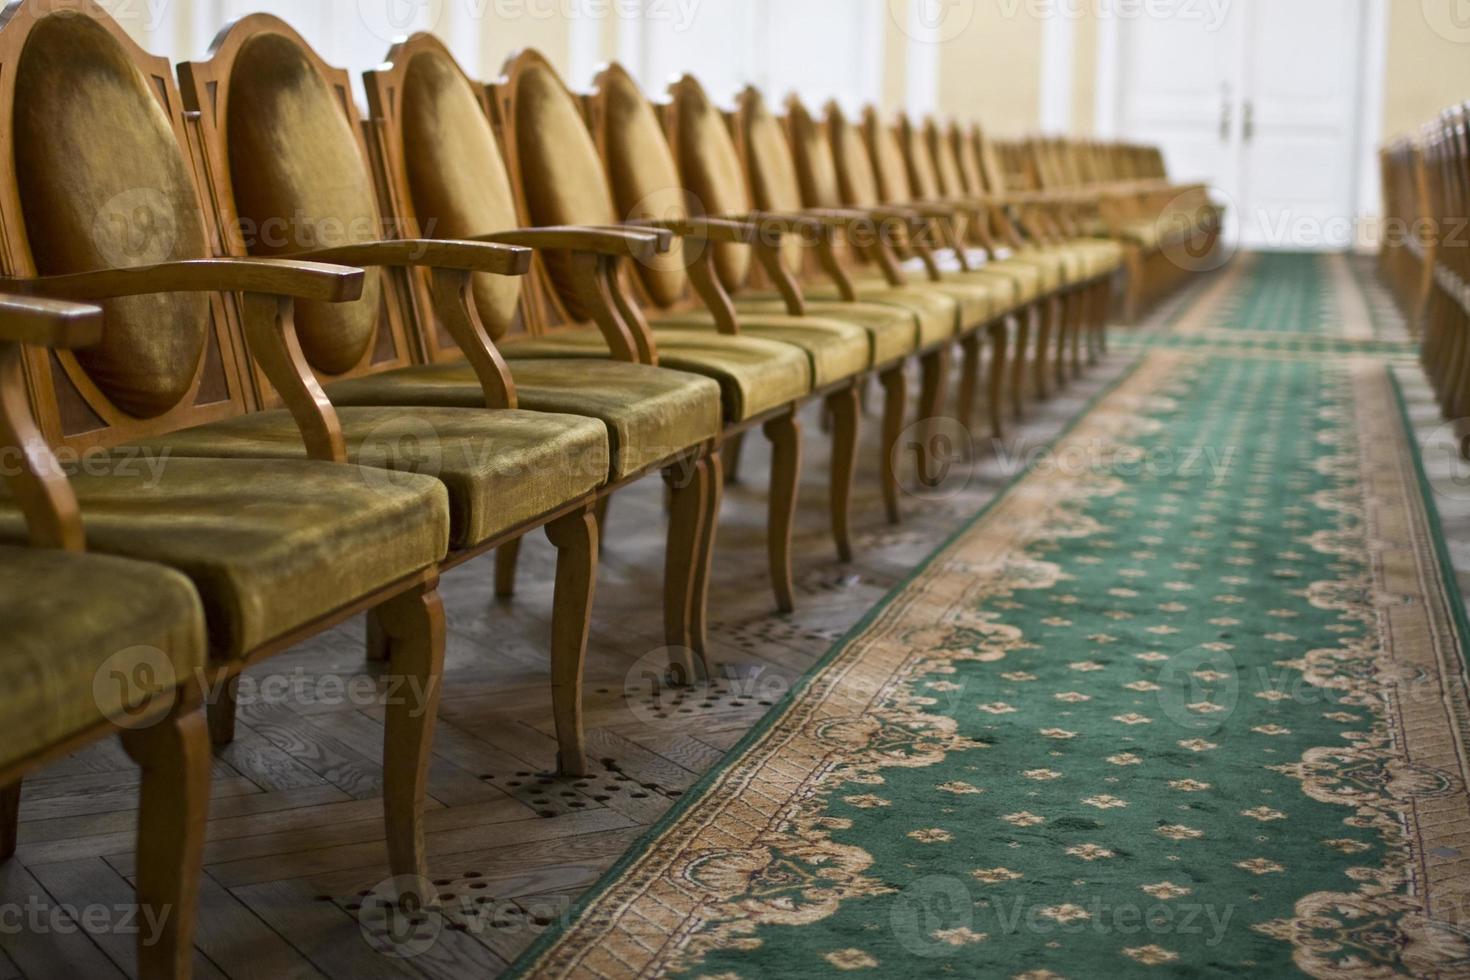 houten stoelen op een rij. foto